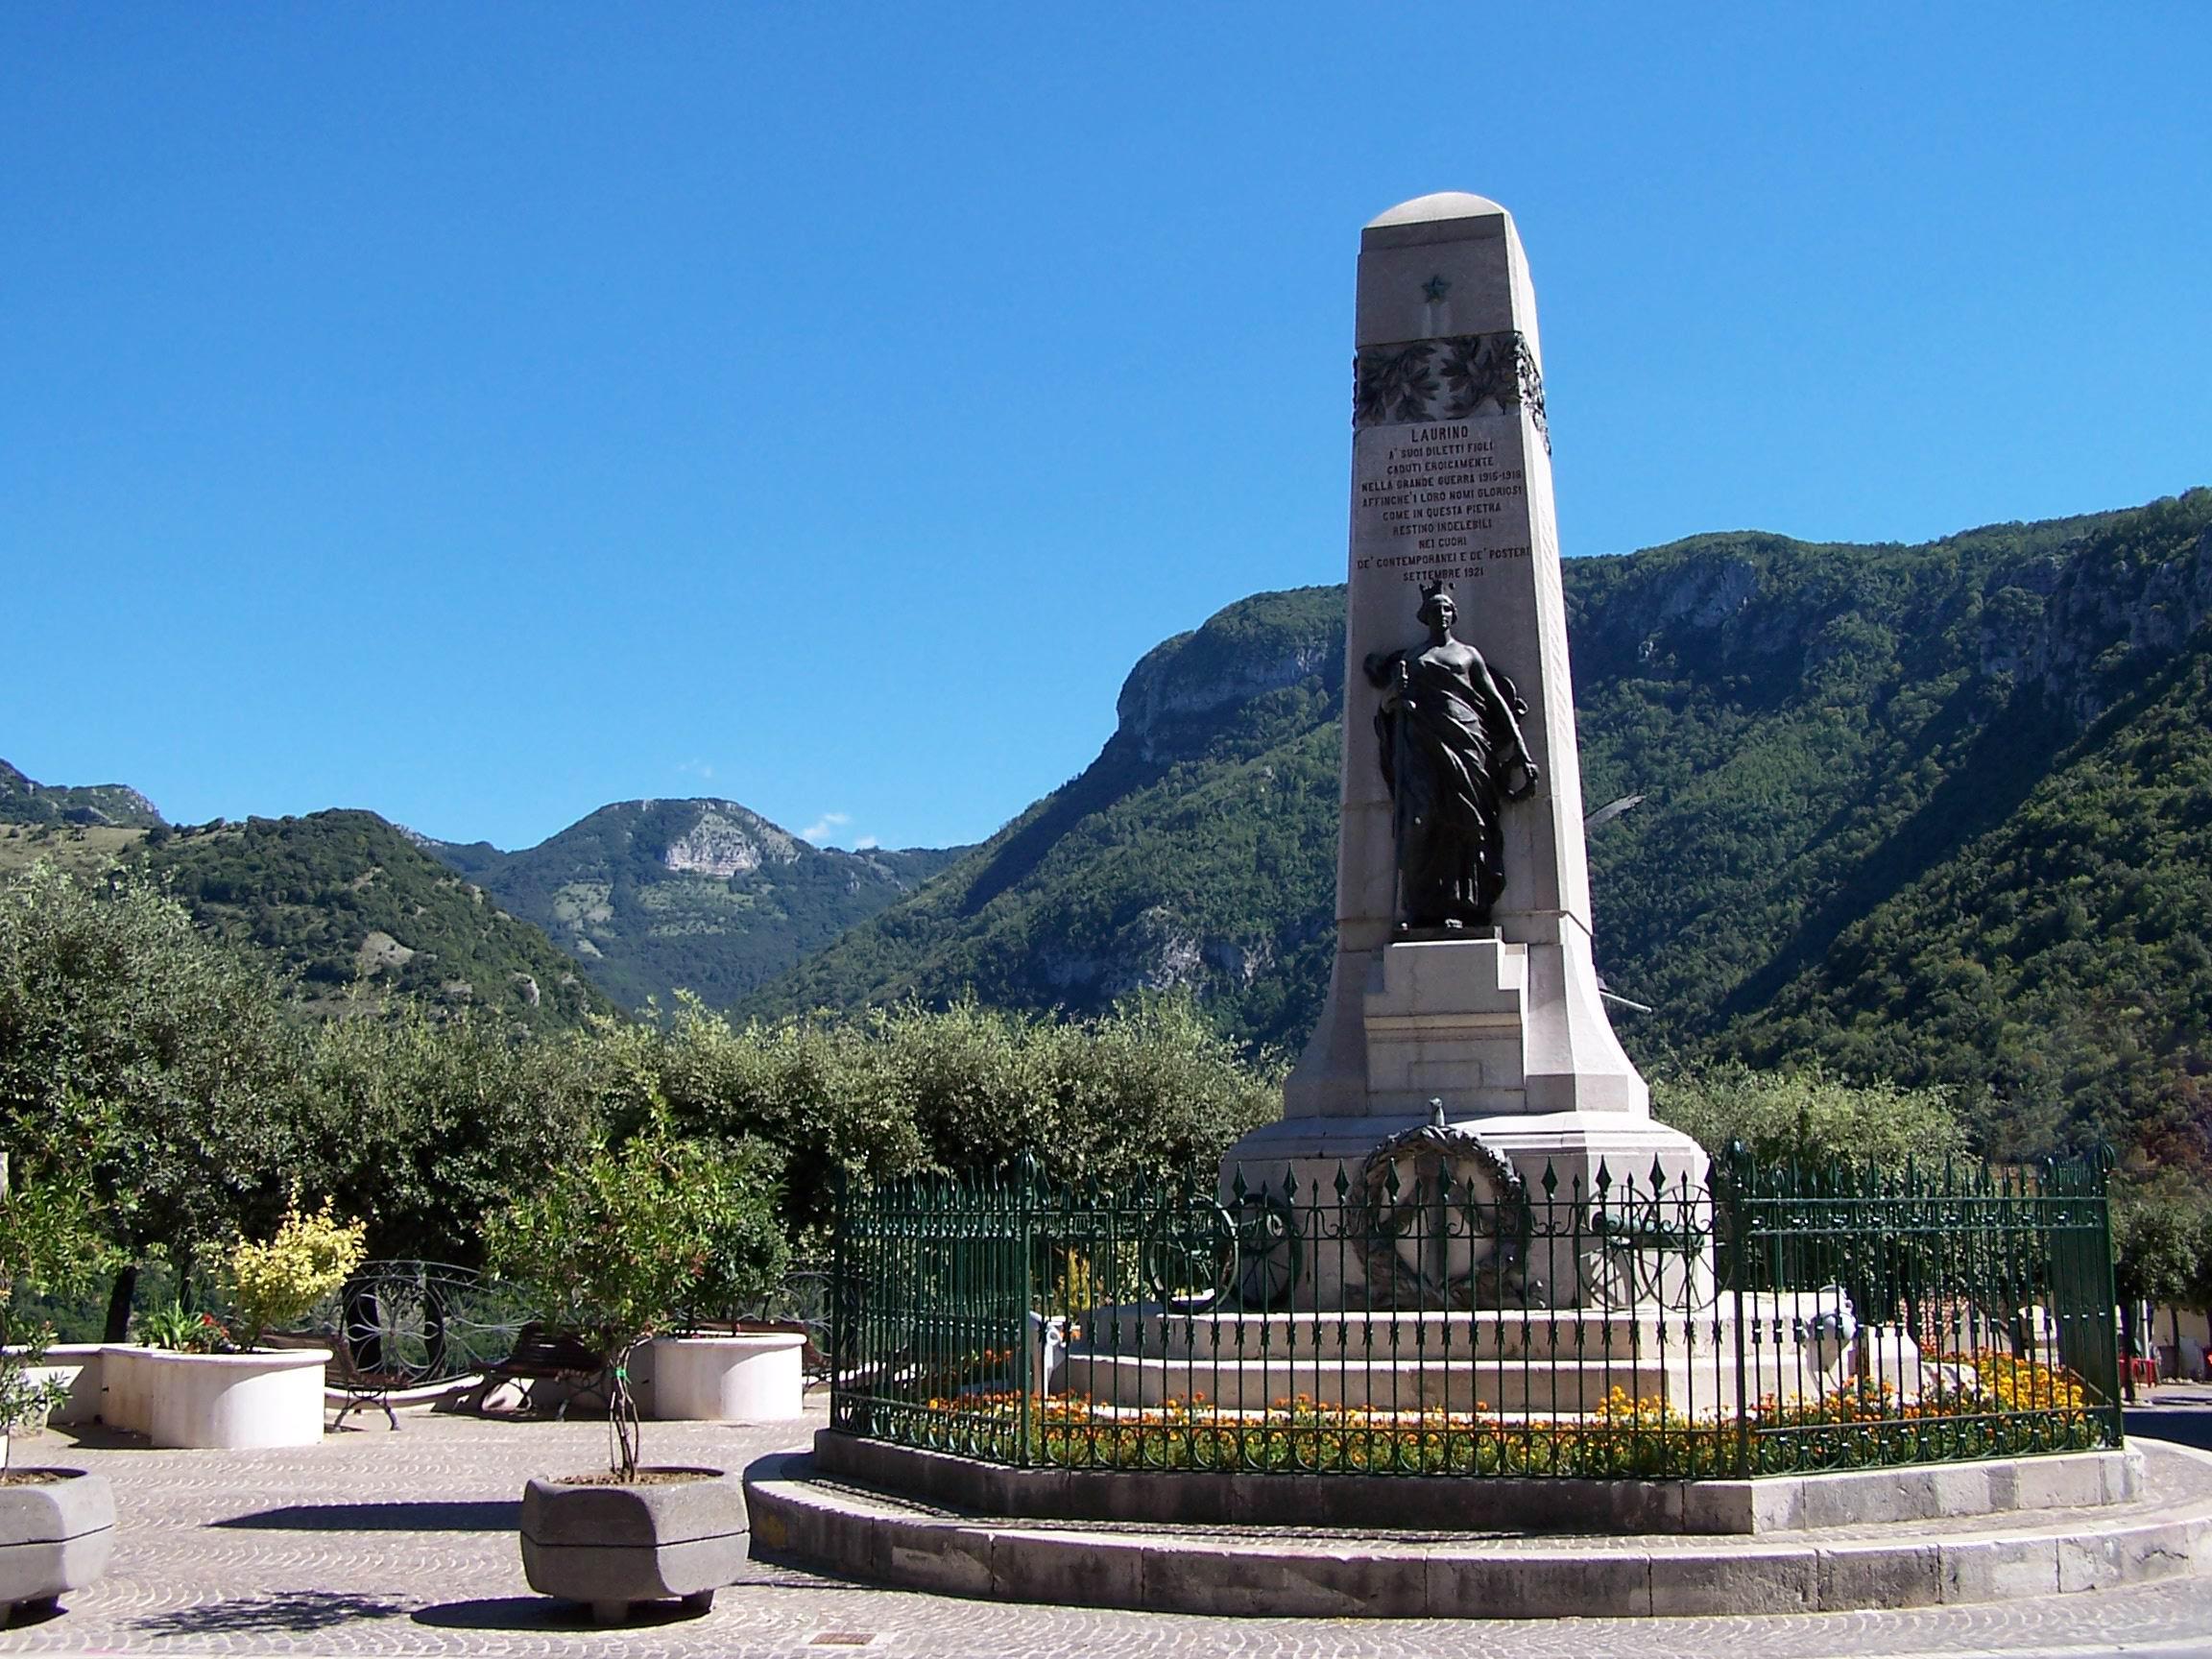 P.zza A. Magliani - Monumento ai caduti